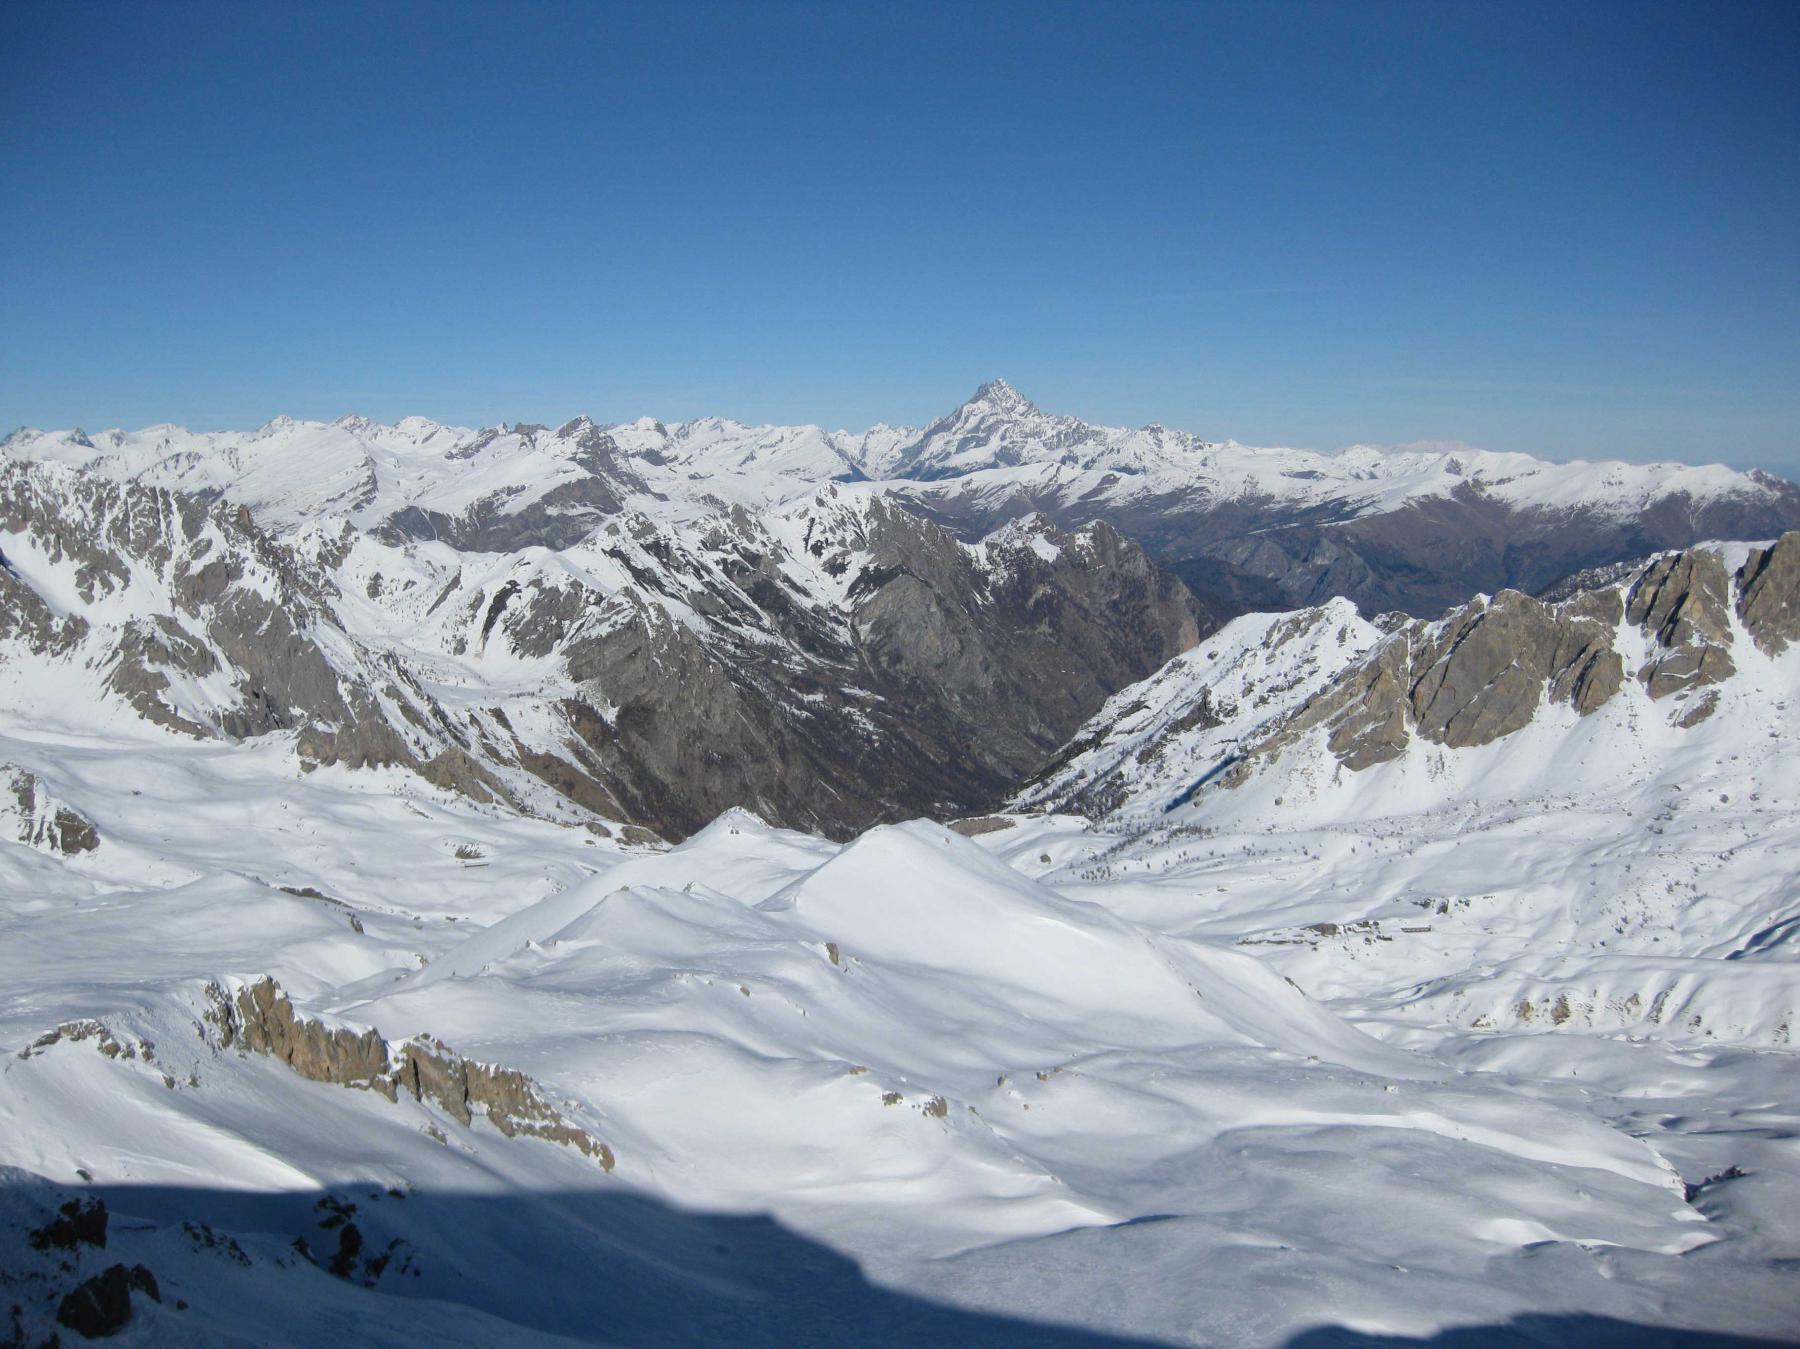 Il versante di salita visto dalla cima nord.